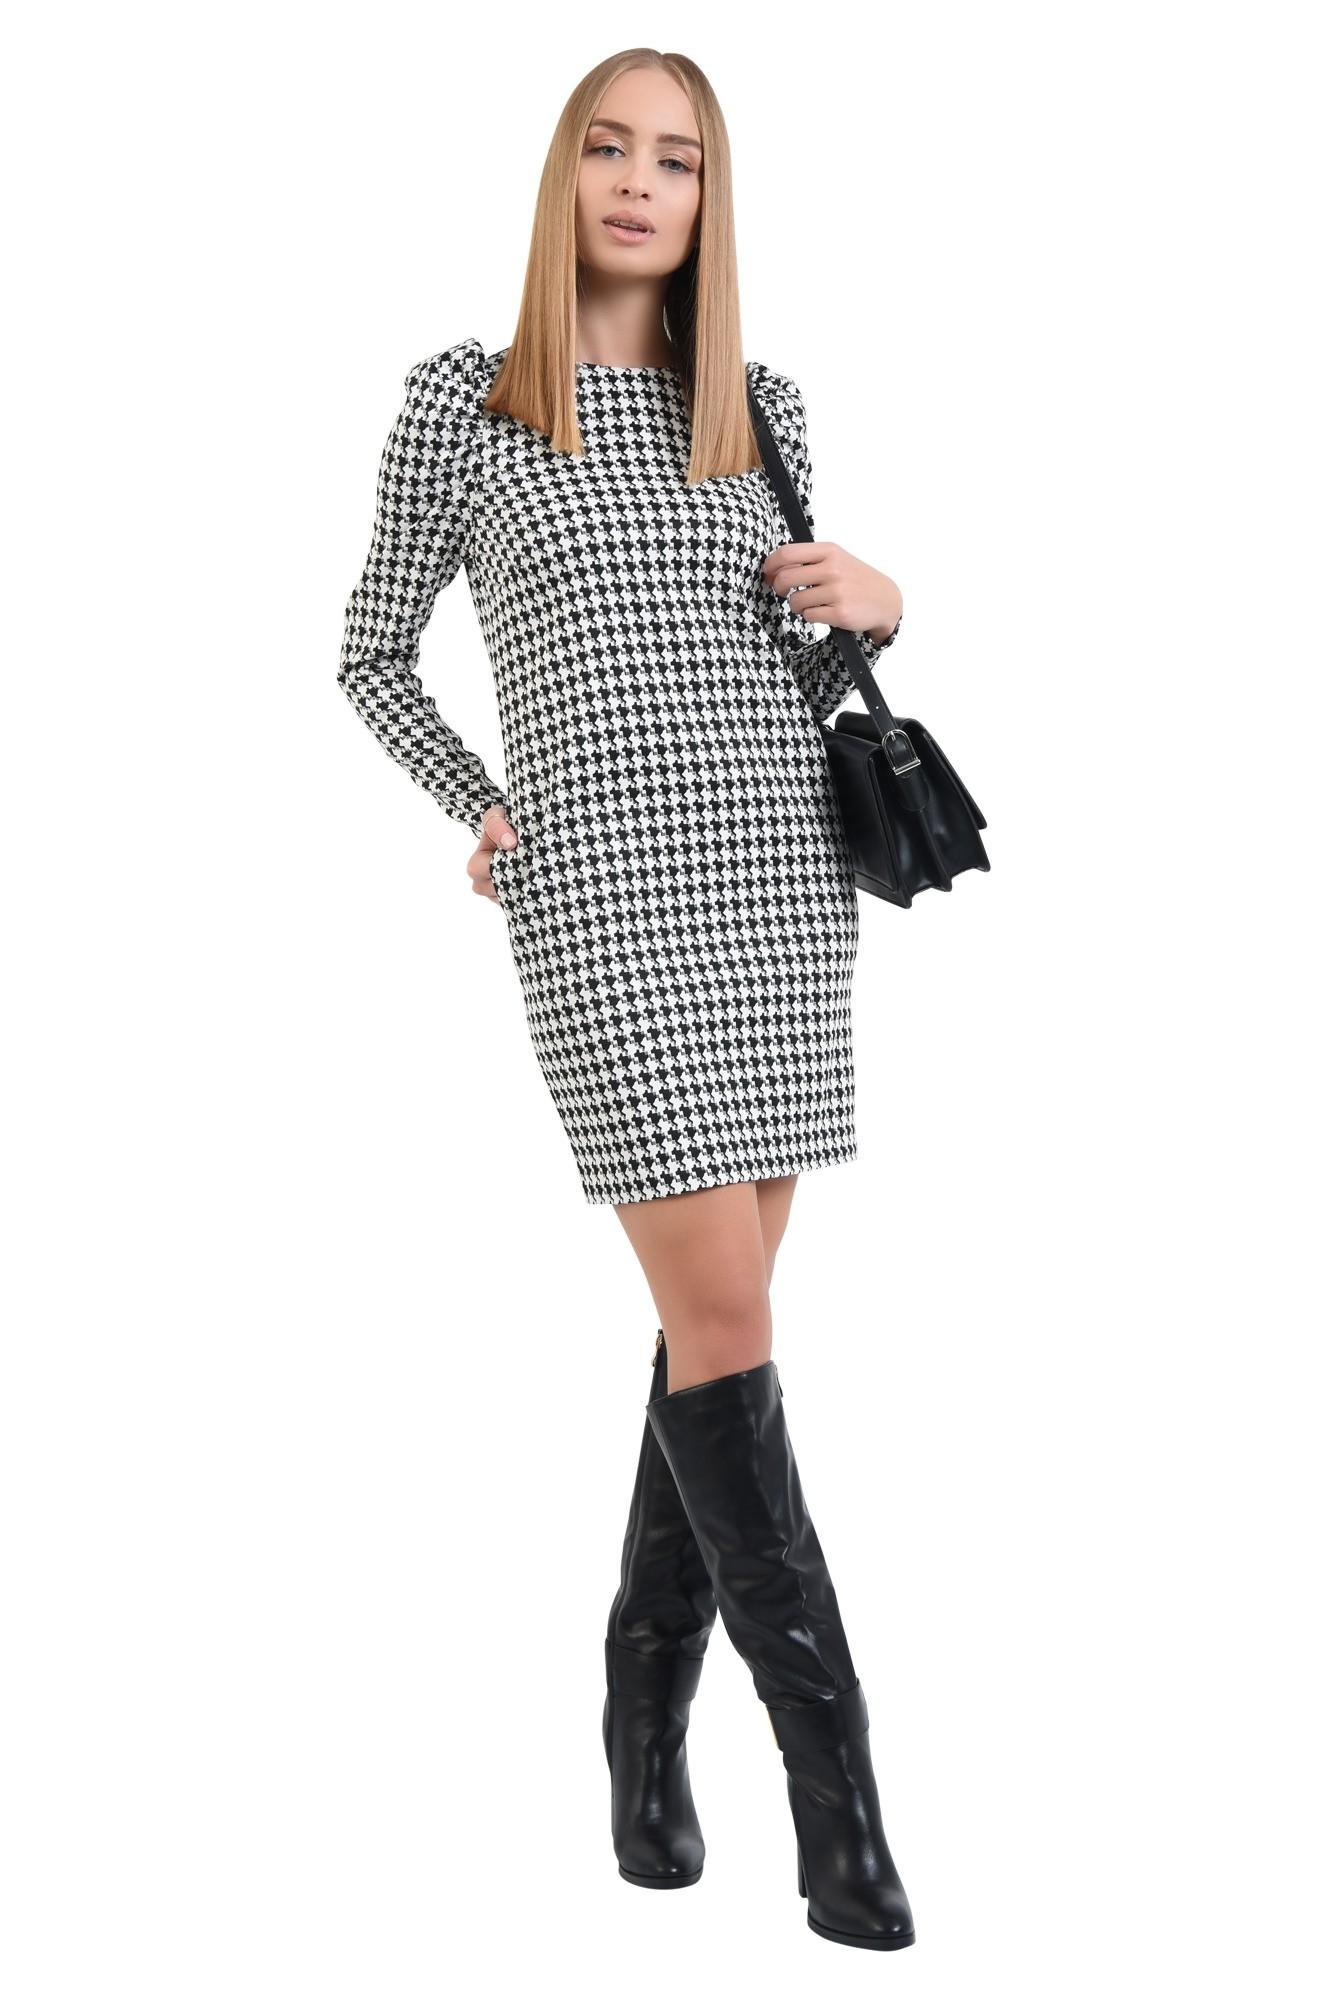 360 - rochie office, scurta, croi drept, maneci lungi, pepit, alb-negru